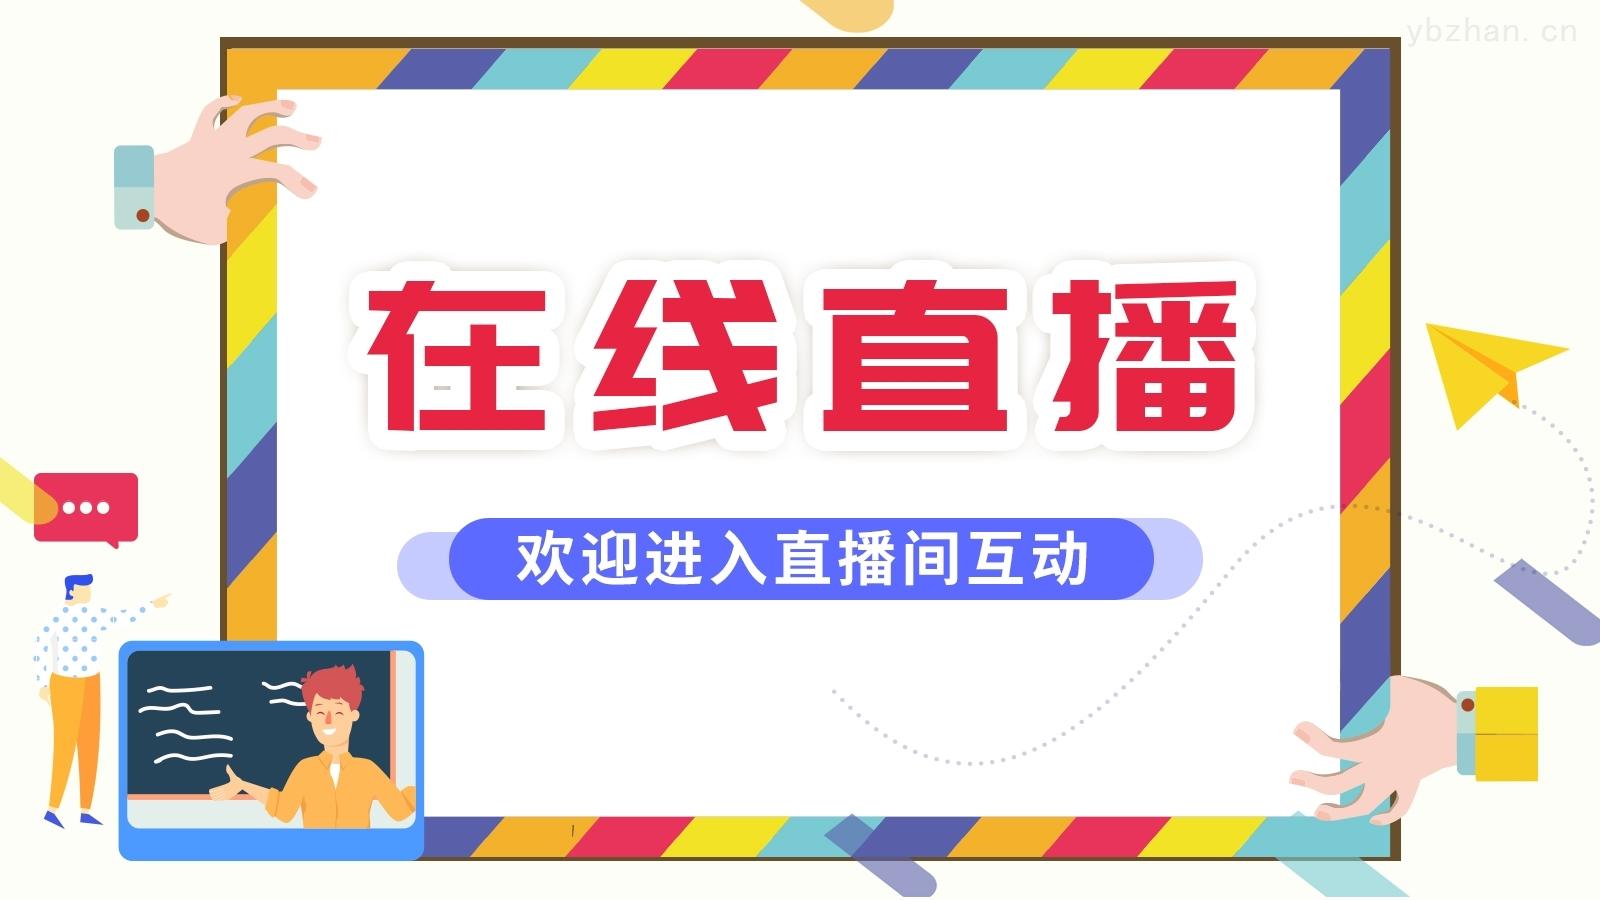 浙江中控2020年度YBZHAN品牌直播